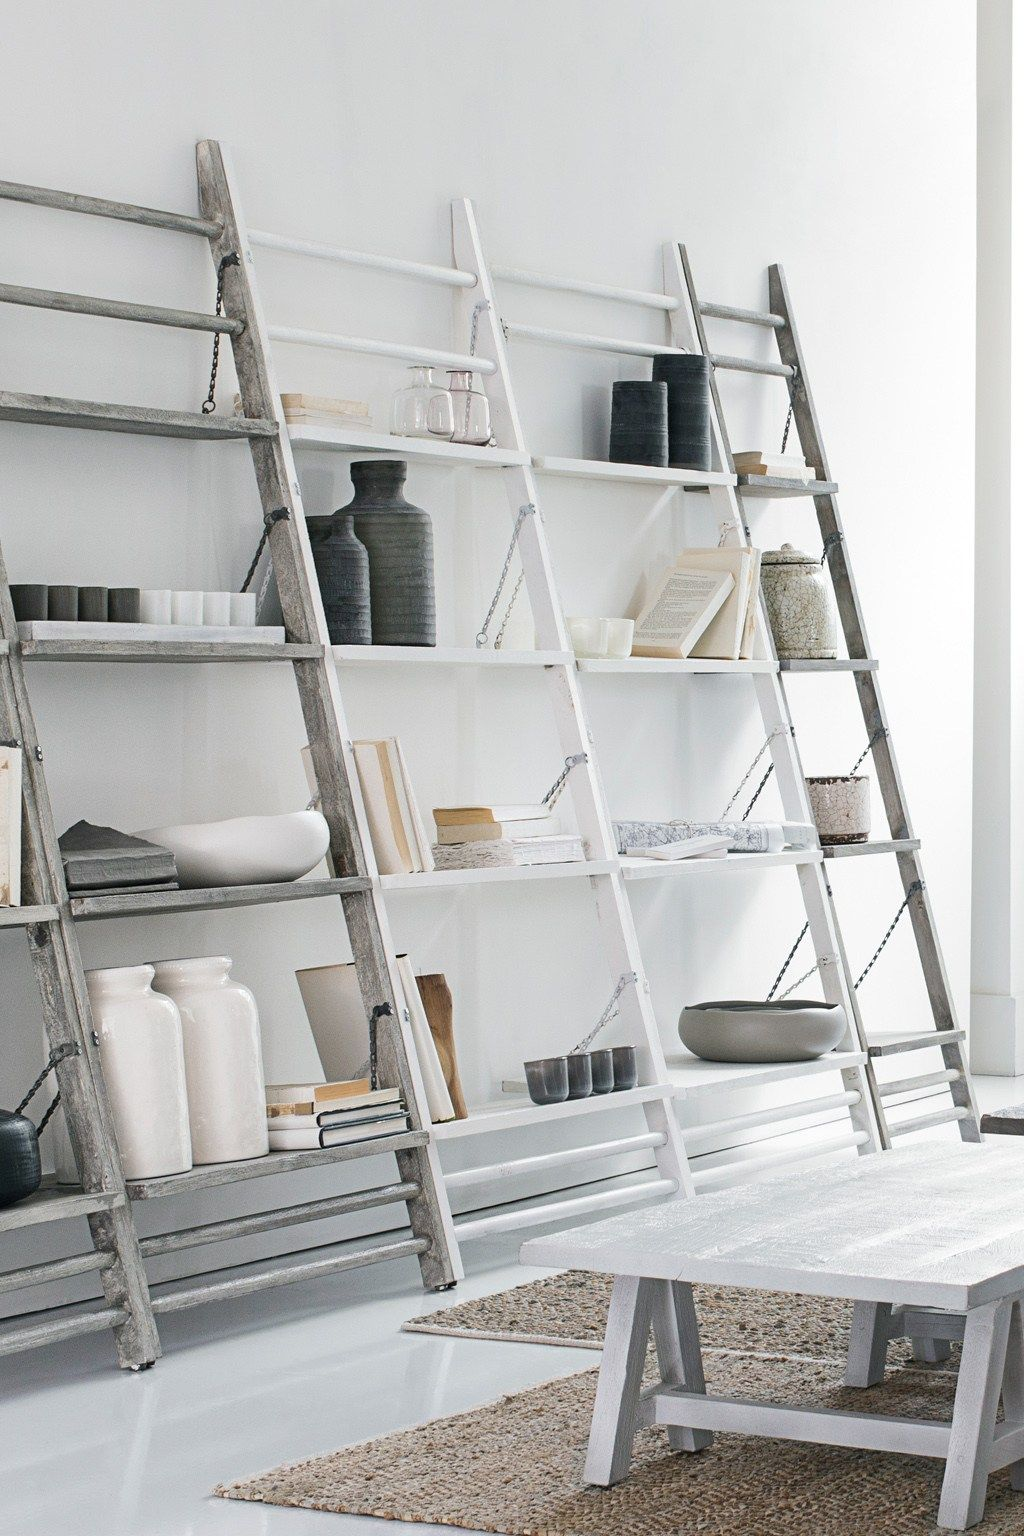 Objects of design leaning shelves leaning shelves shelves